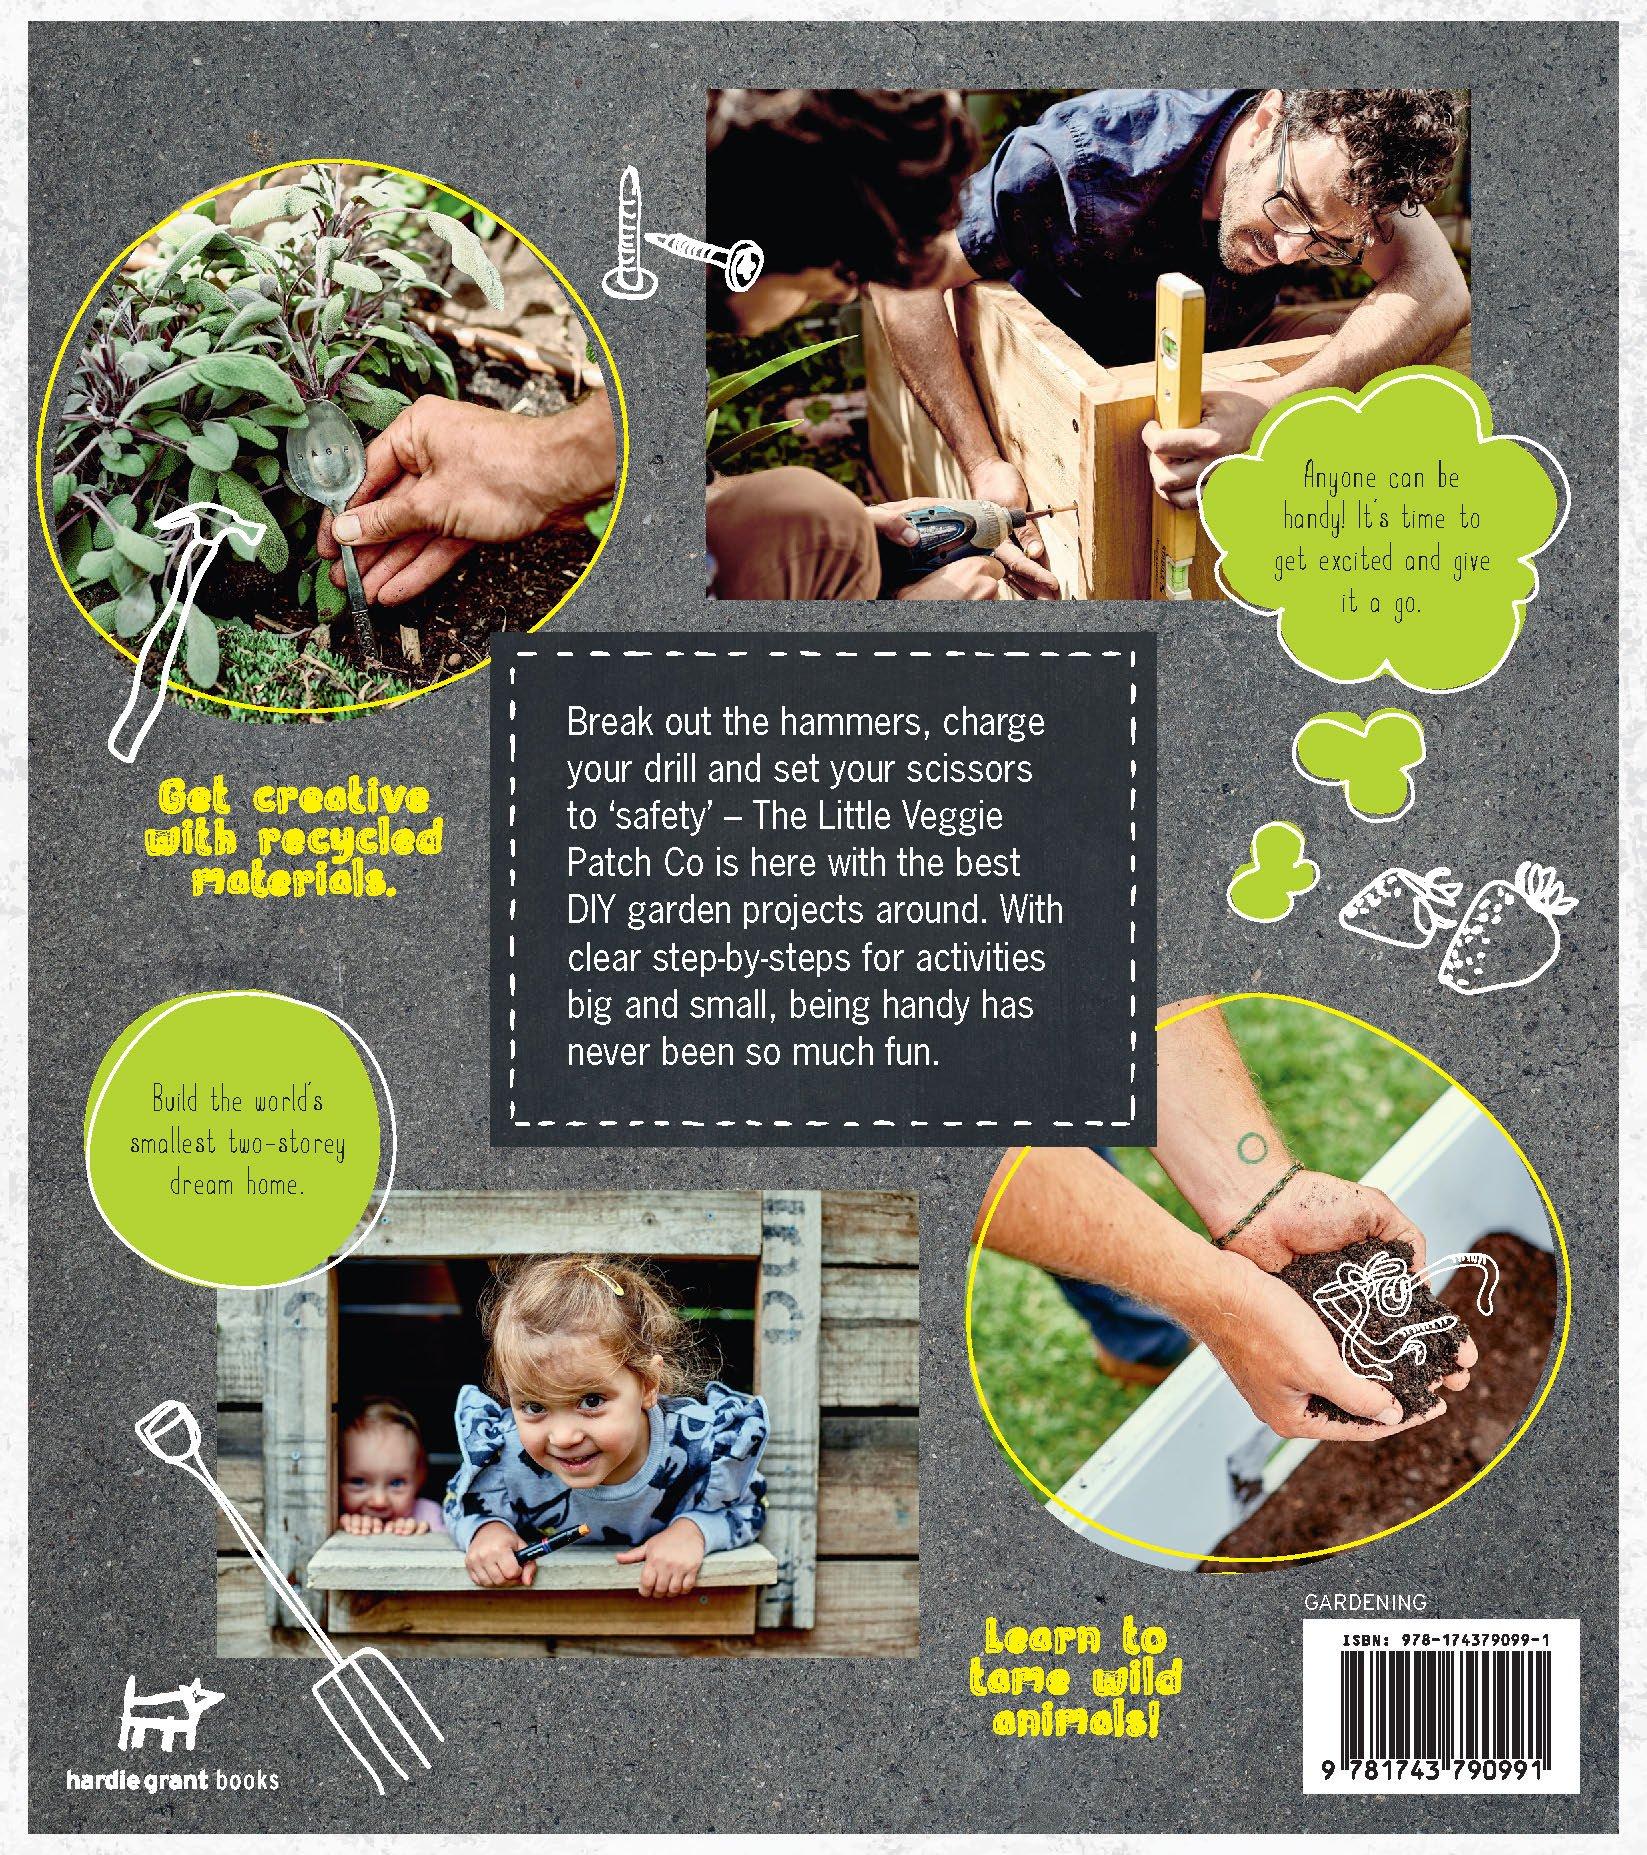 Diy Garden Projects: Easy Activities For Edible Gardening And Backyard Fun:  Mat Pember, Dillon Seitchikreardon: 9781743790991: Amazon: Books